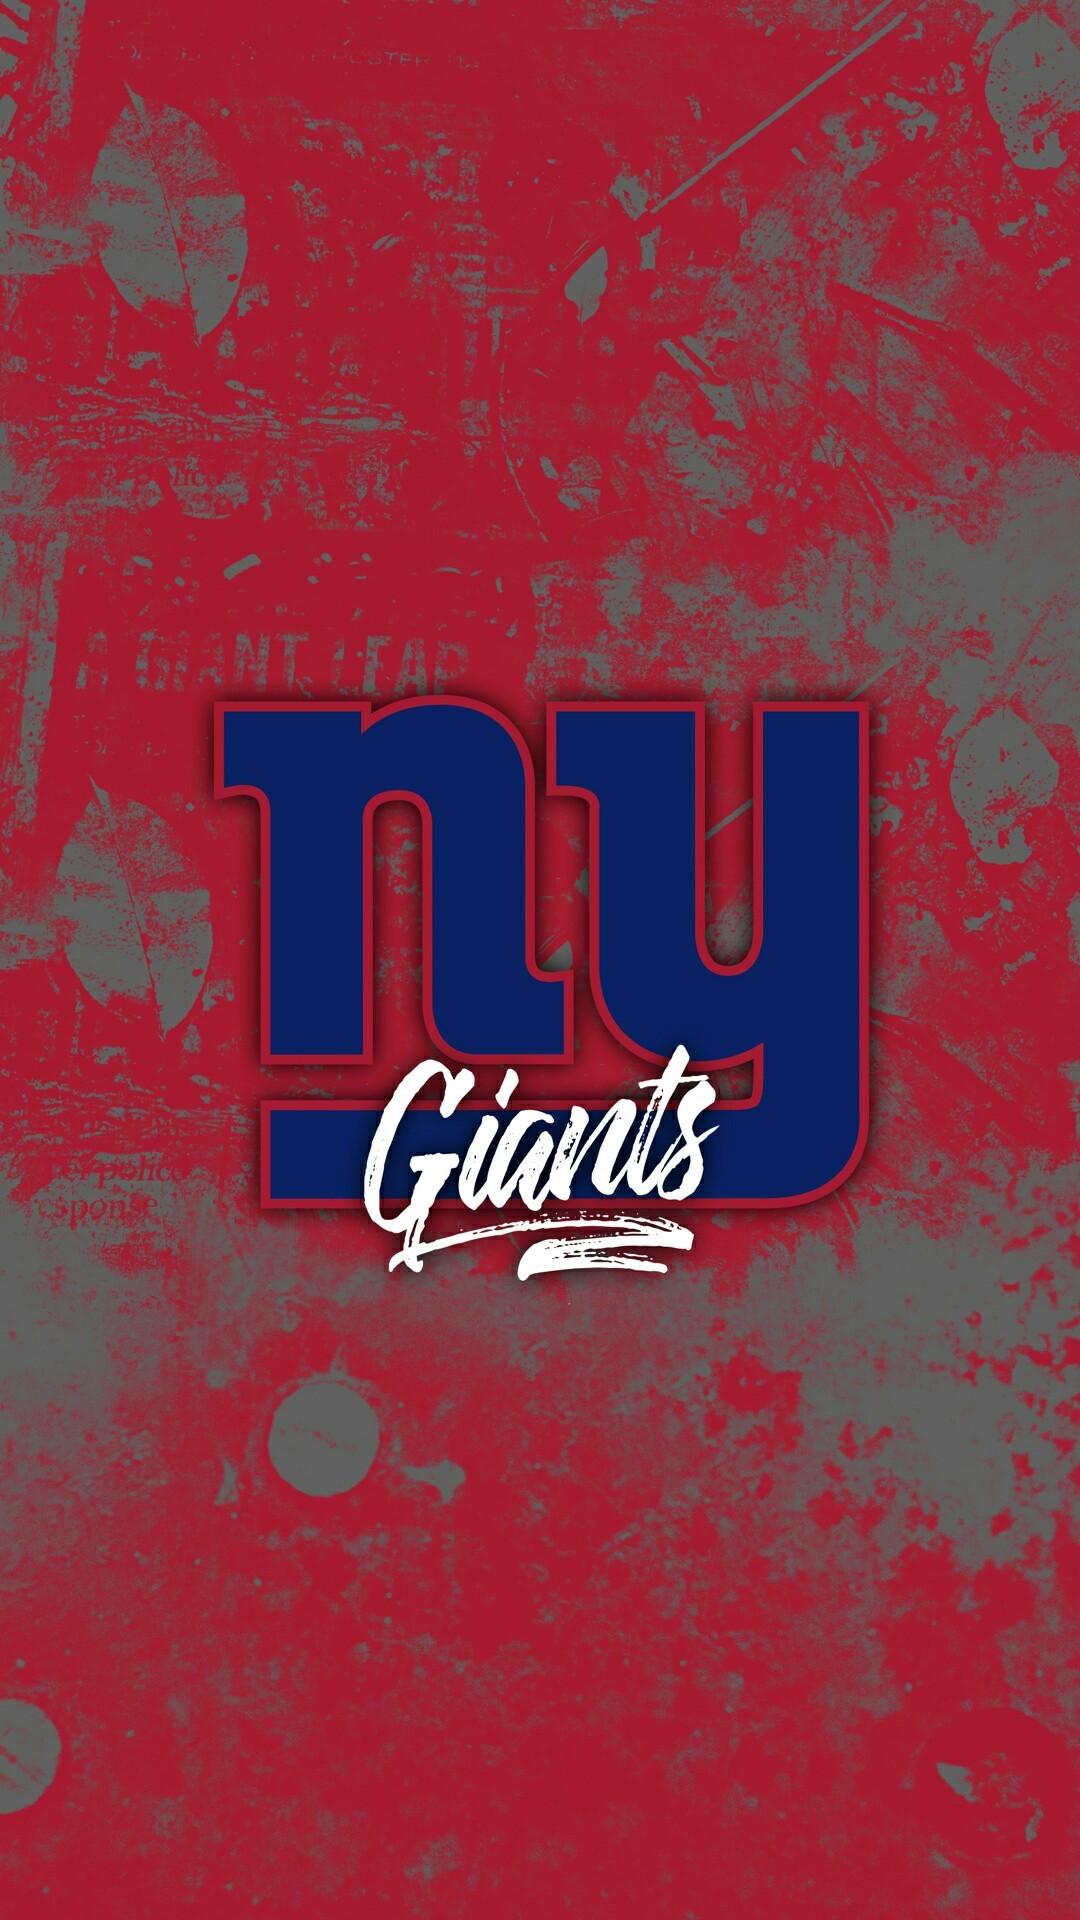 New York Giants wallpaper.